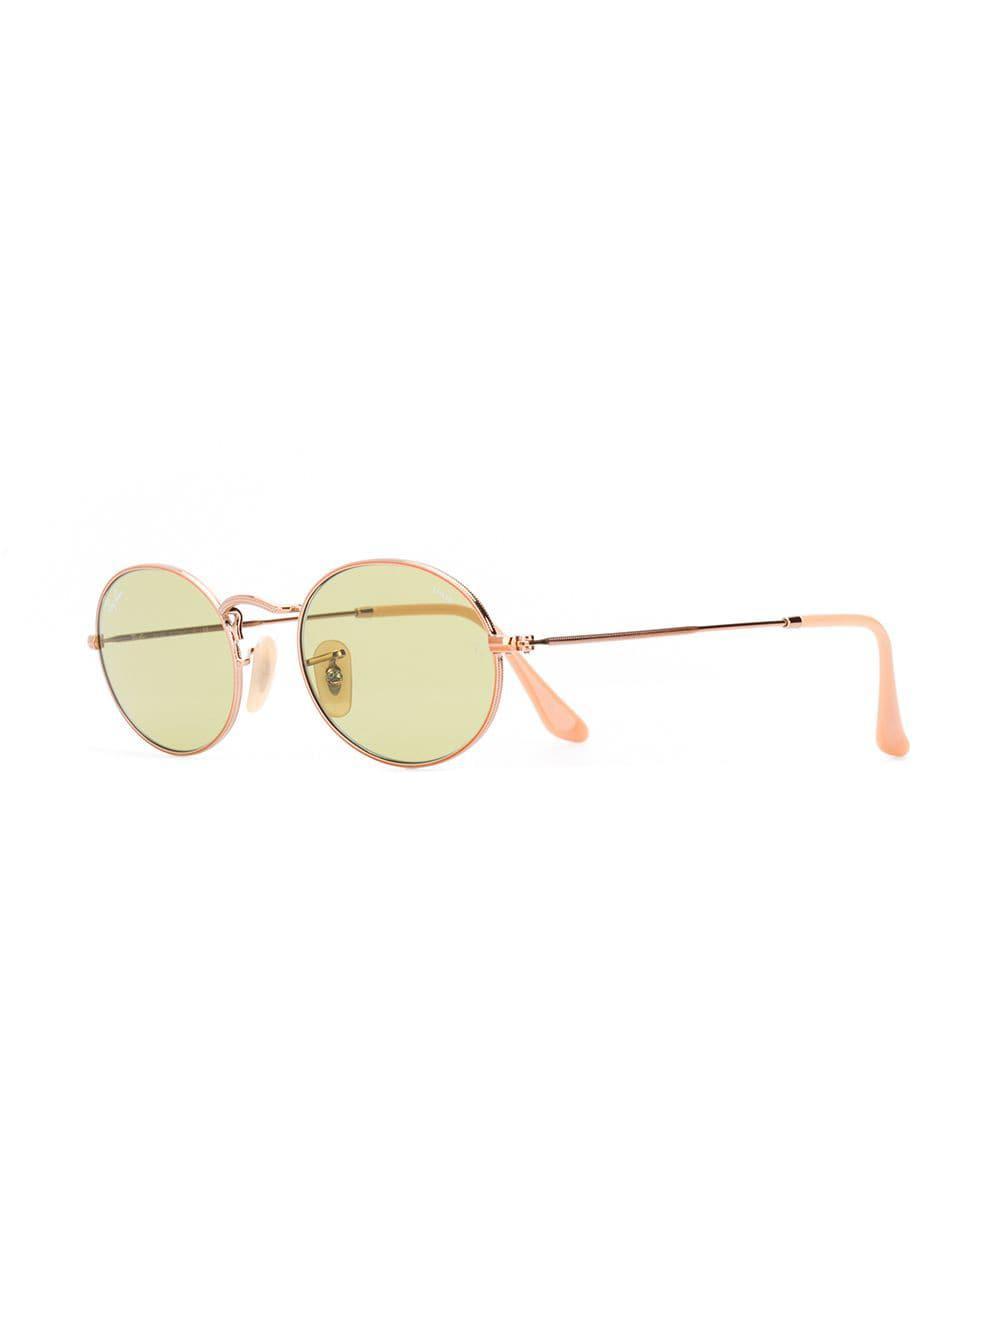 8ad6501734 De Redonda Lyst Gafas Ray Verde Sol Con Ban Montura Color N8n0OwkPX